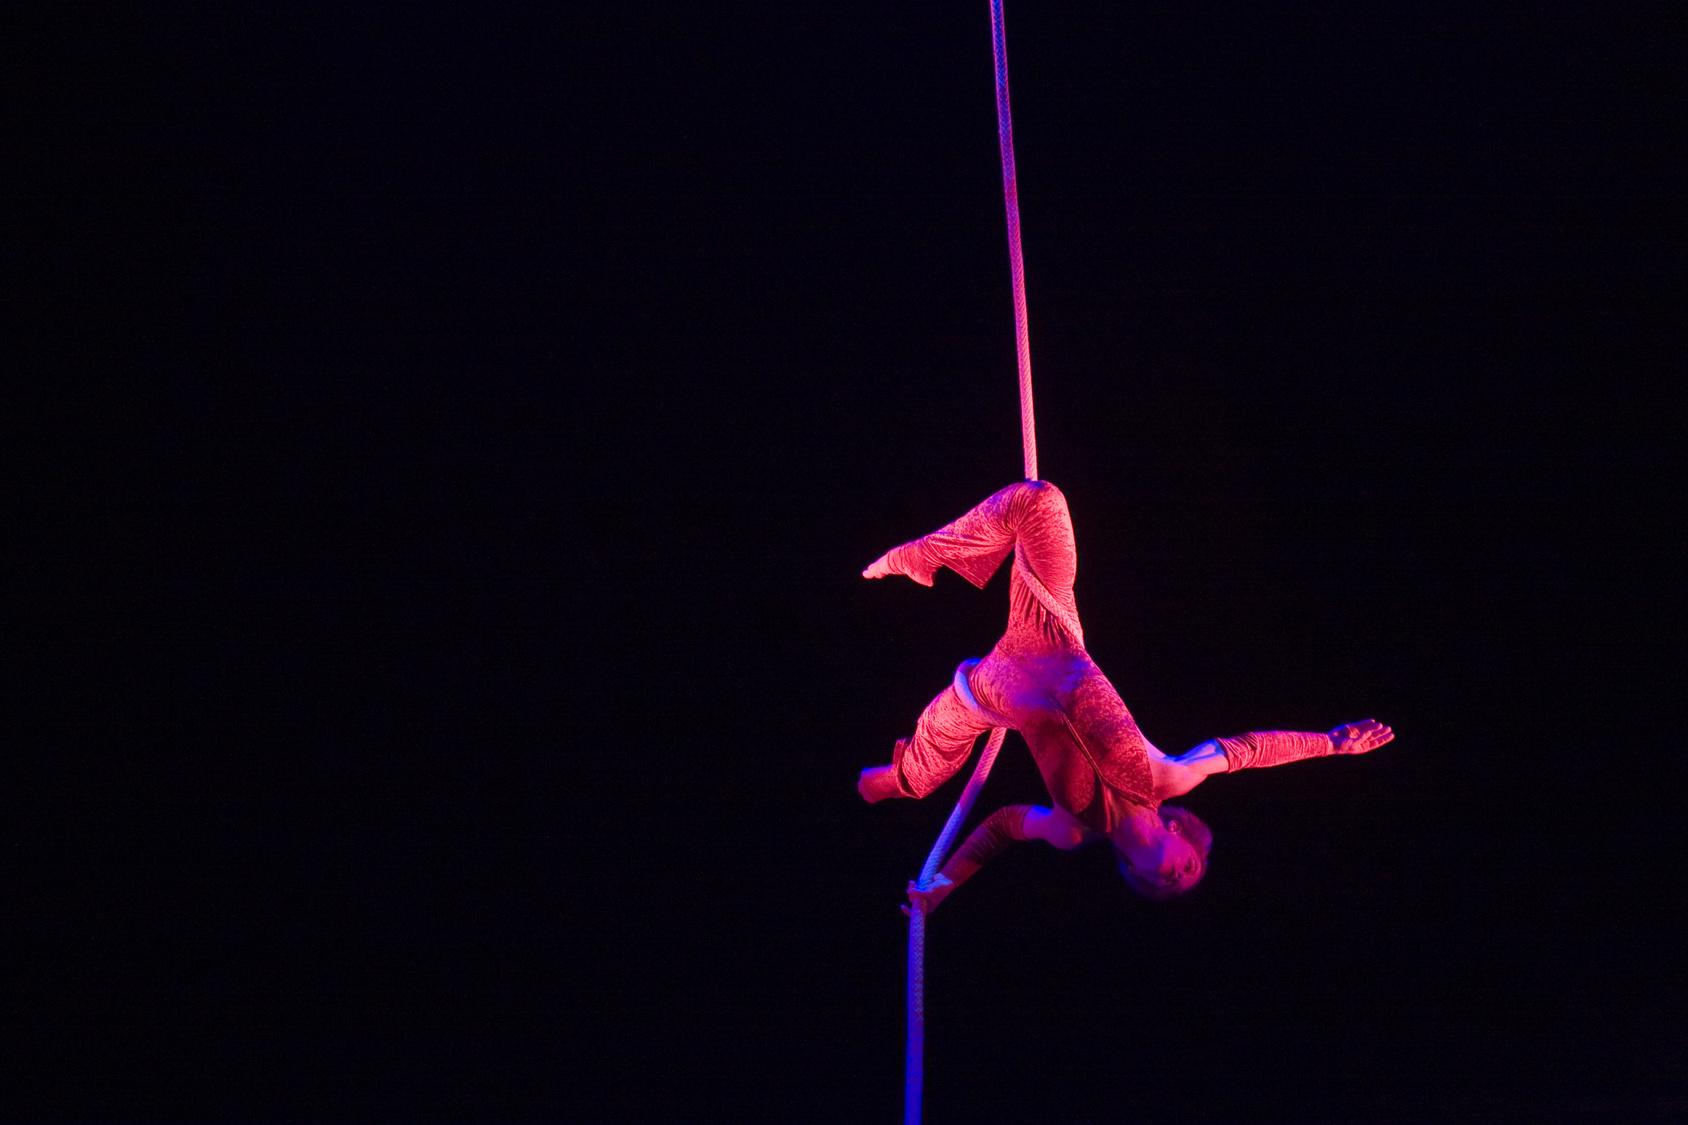 Artistin nach Sturz bei Zirkusshow außer Lebensgefahr